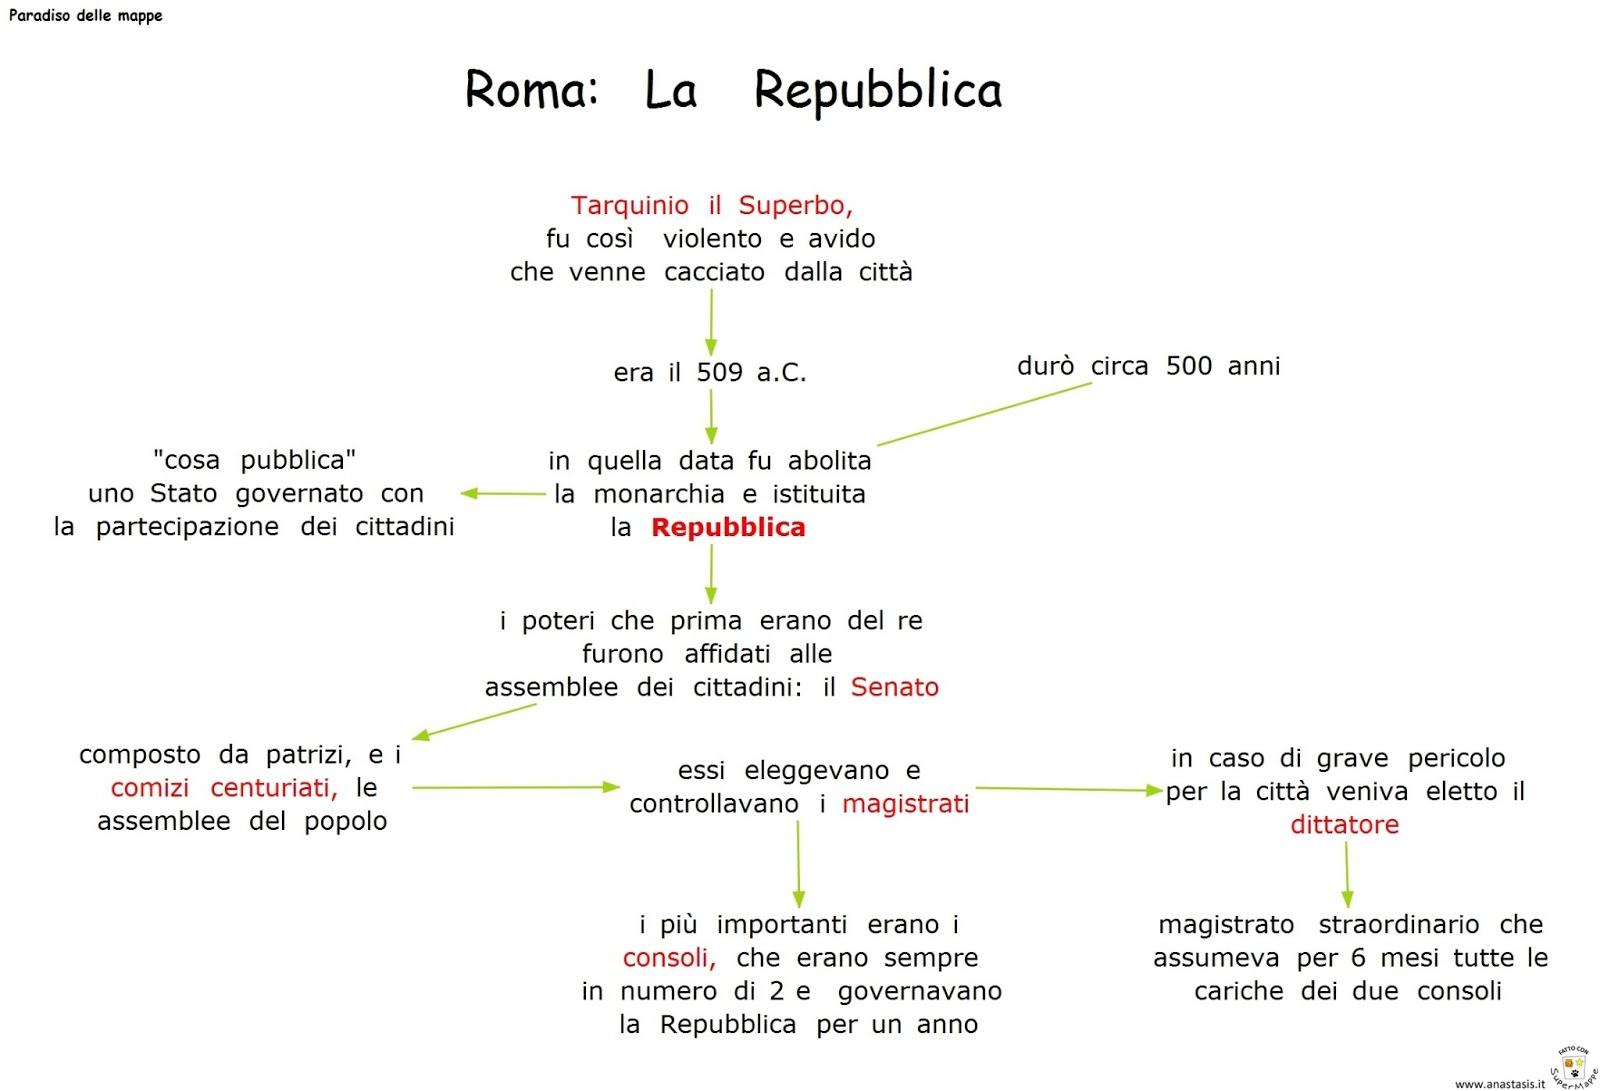 Paradiso delle mappe roma la repubblica for Home page repubblica